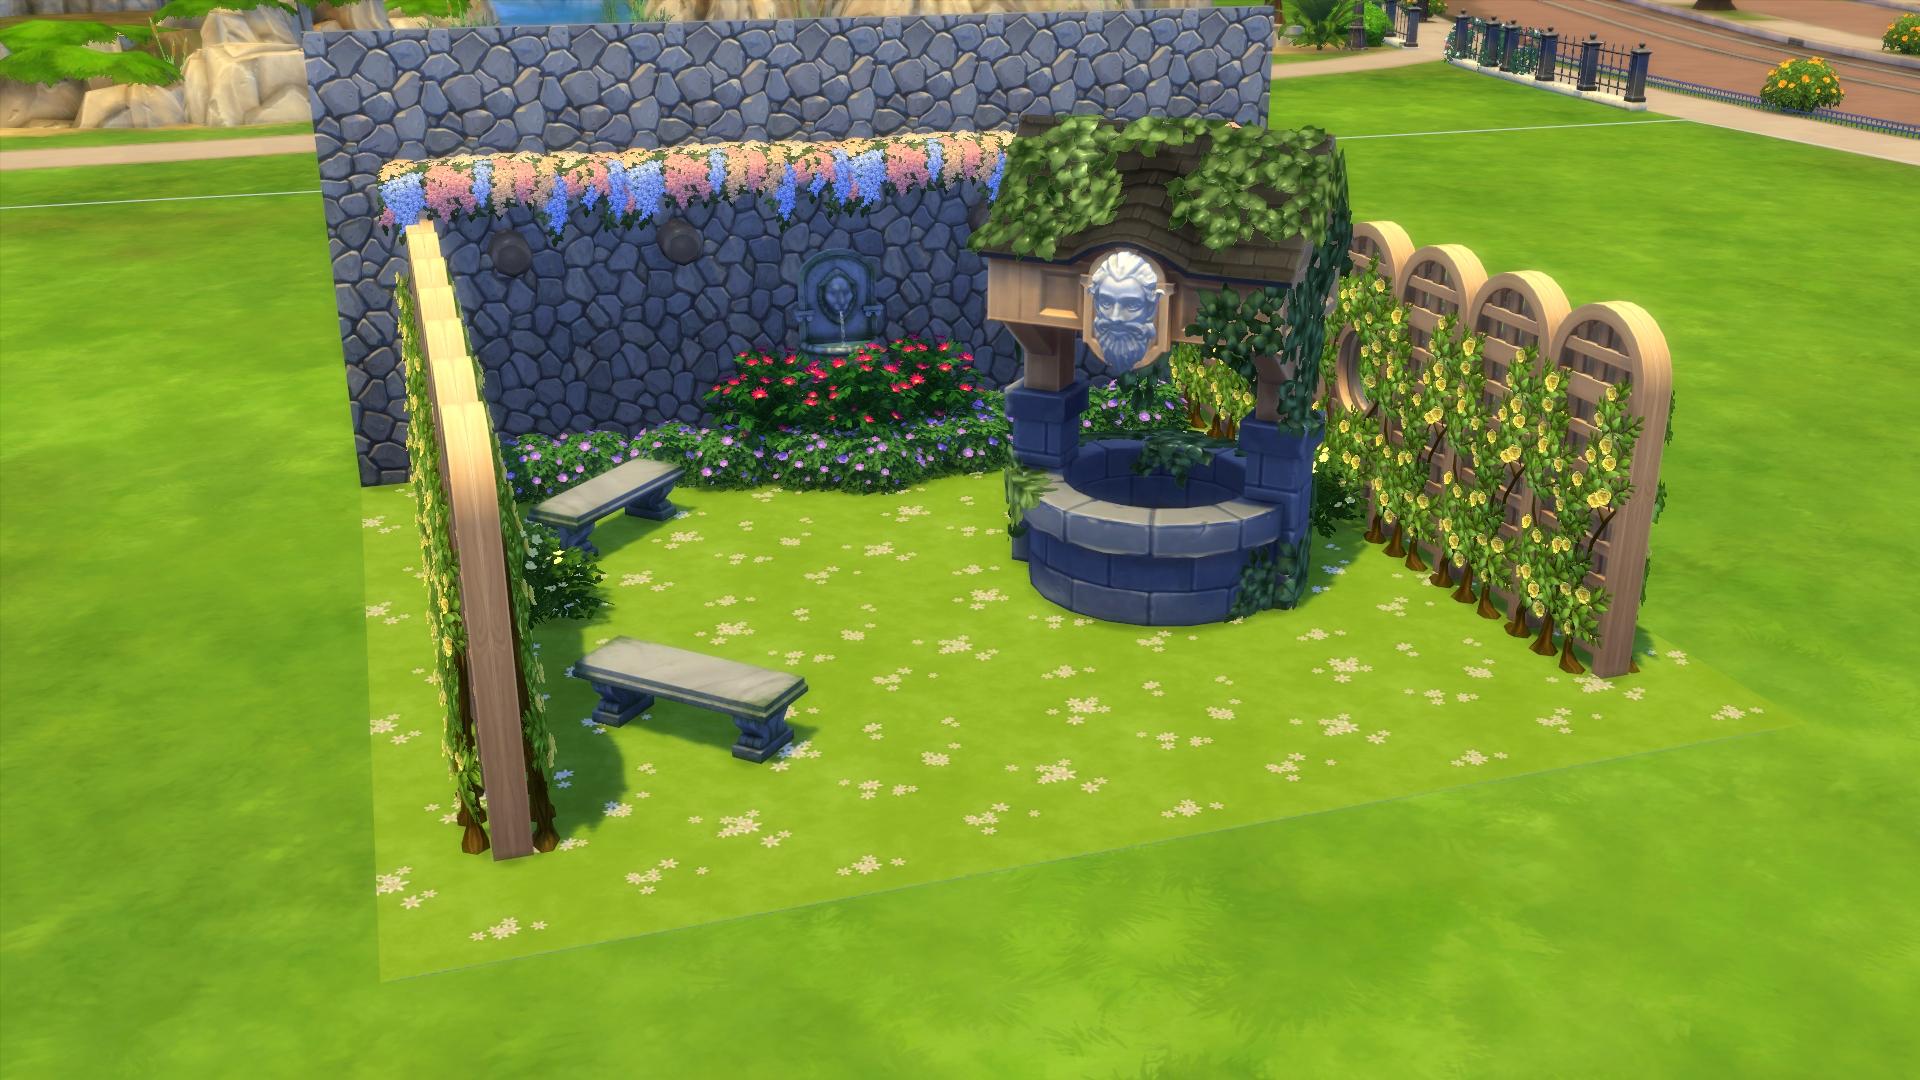 Garden Wishing Well Stone - Garden Designs